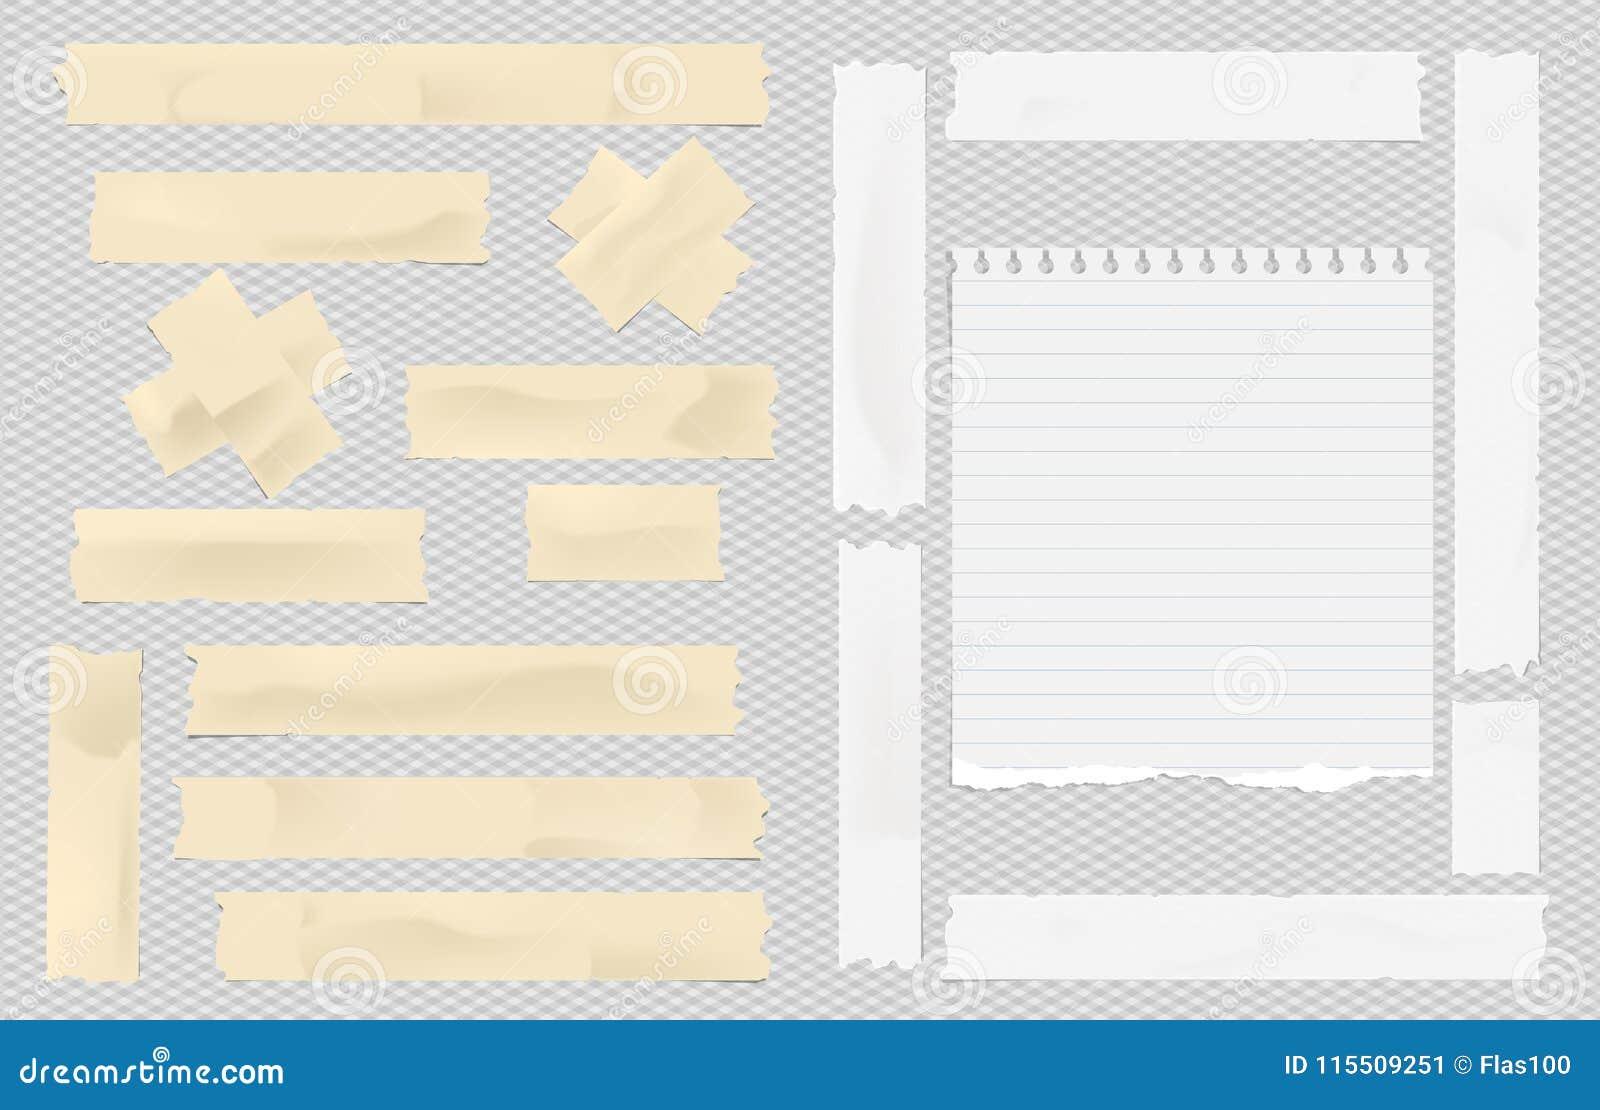 Het bruine en witte zelfklevende kleverige maskeren, buisband, gescheurd het document van het notanotitieboekje stuk voor tekst o